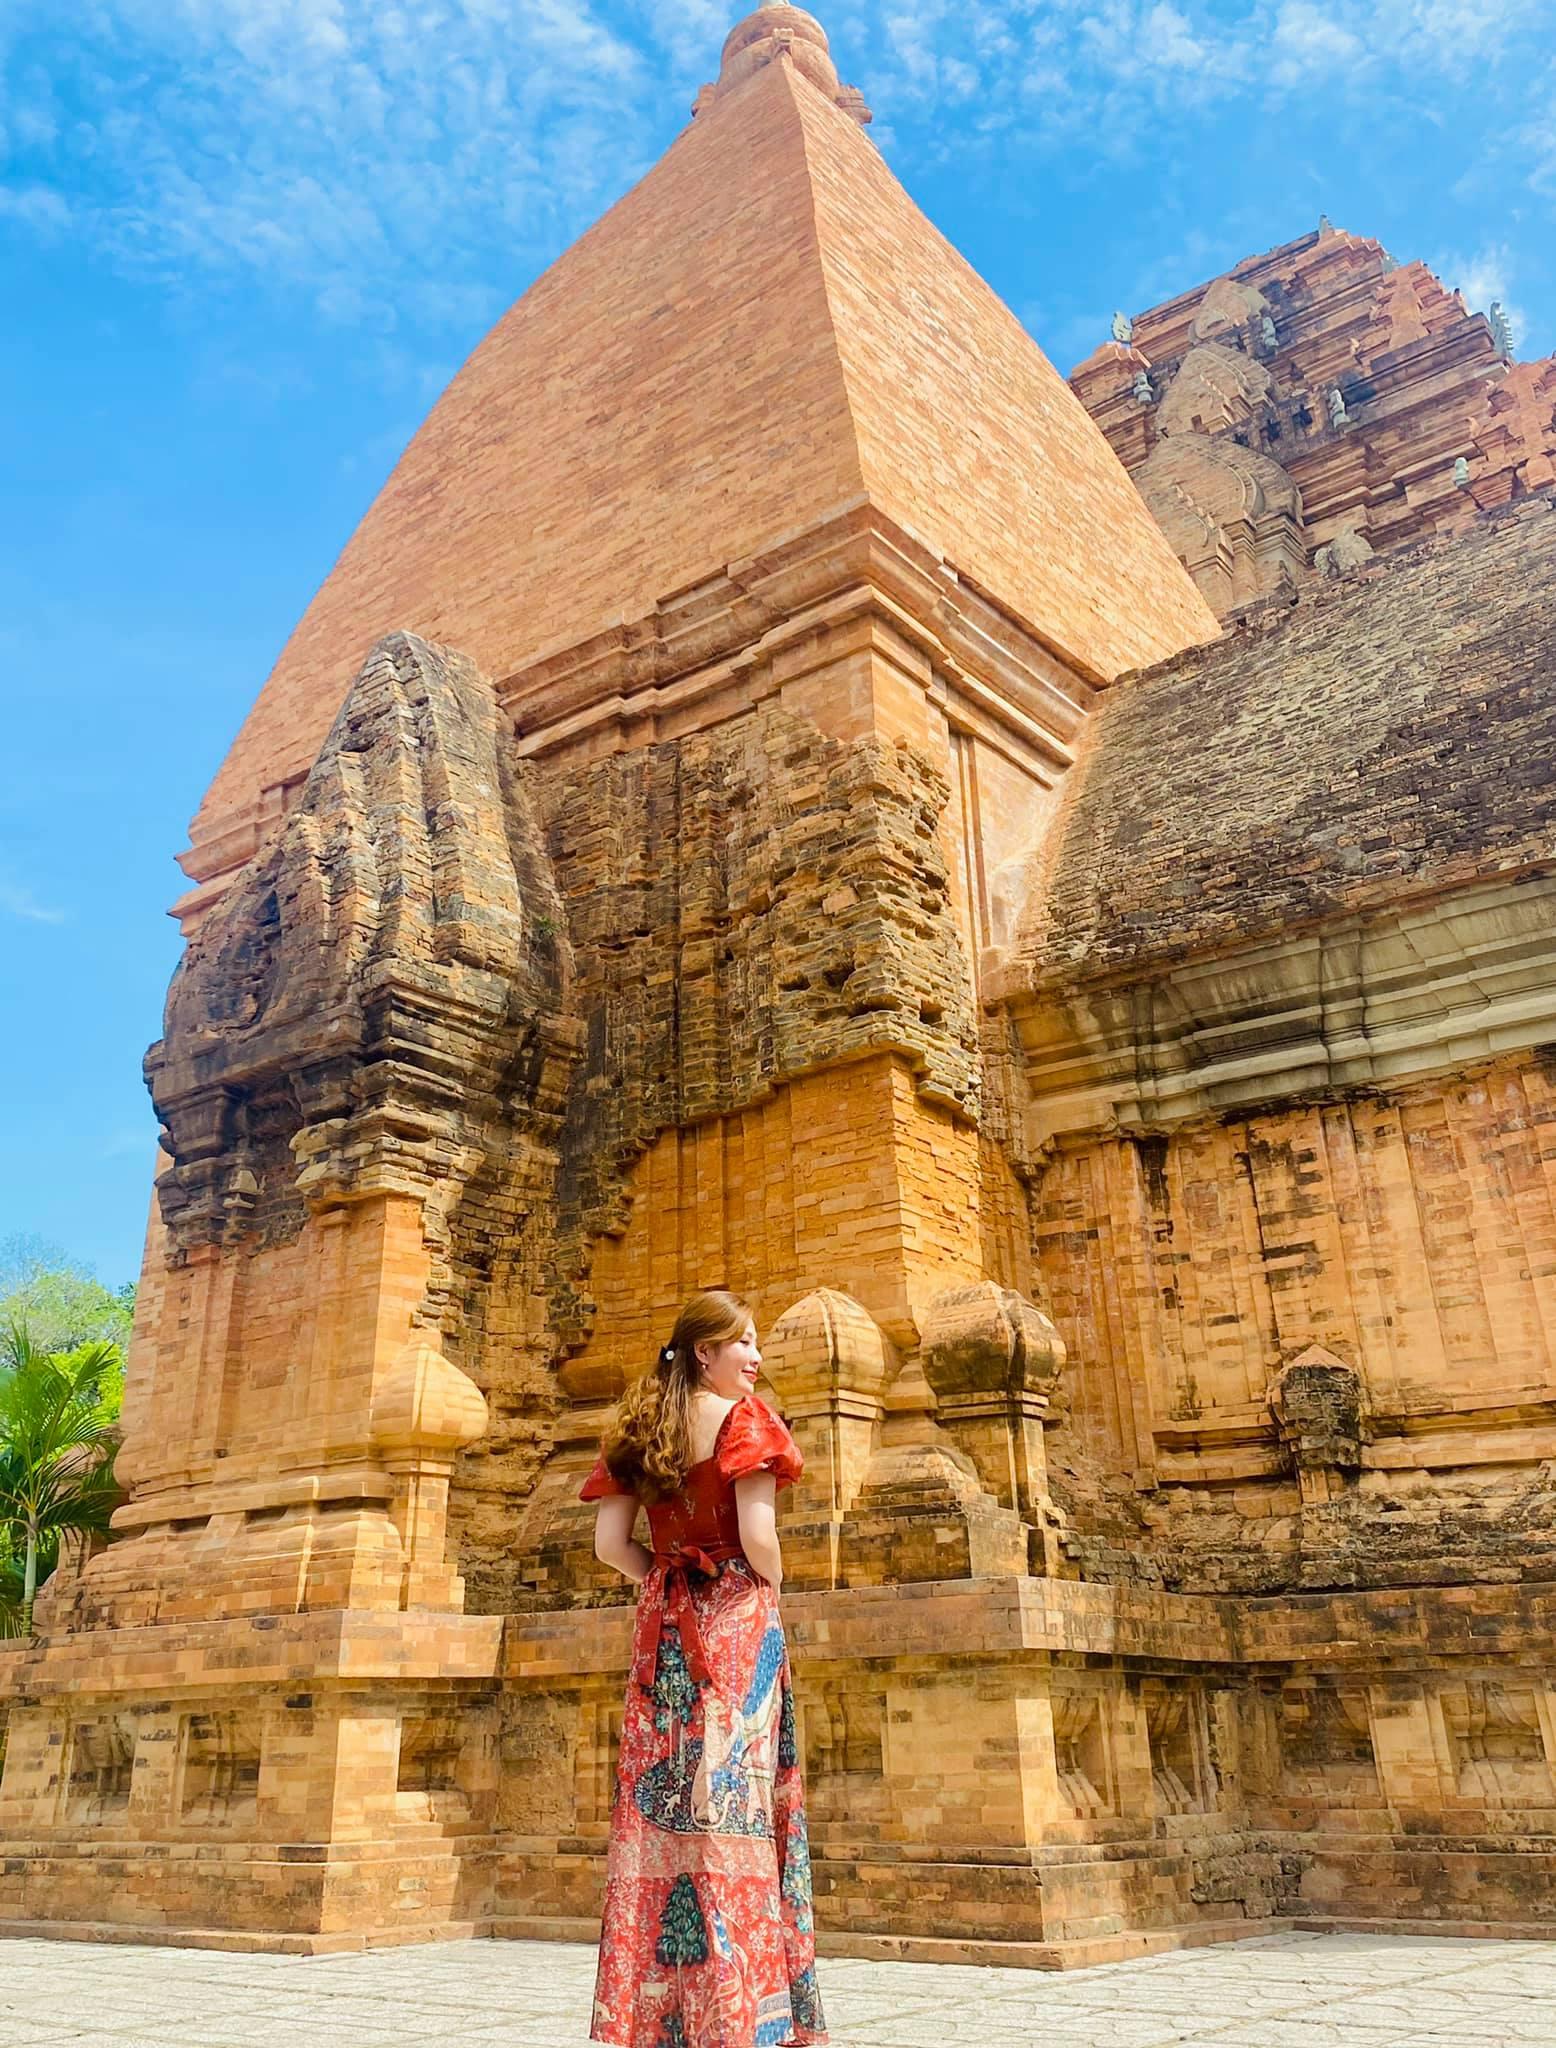 Tour du lịch Nha Trang từ TP HCM: Thưởng ngoạn mỹ cảnh tại hòn ngọc Việt  - Ảnh 10.